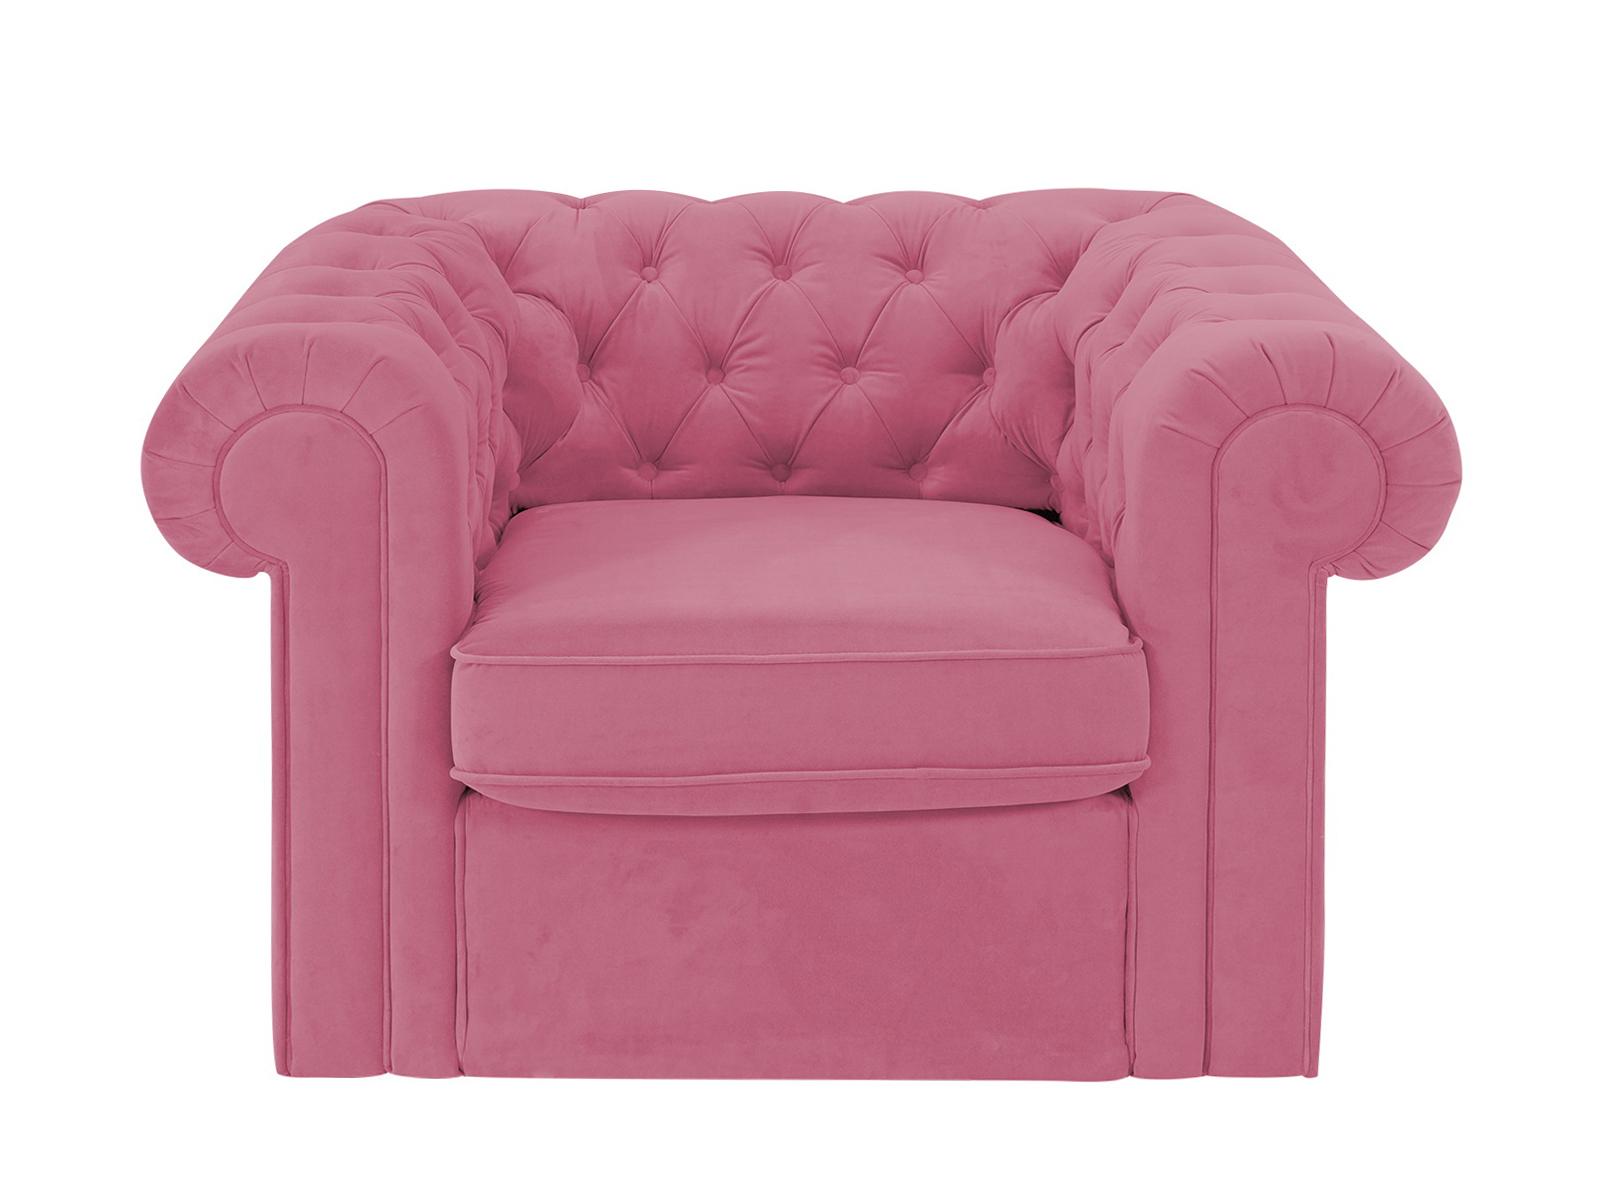 Кресло ChesterИнтерьерные кресла<br>&amp;lt;div&amp;gt;Каркас: деревянный брус, МДФ, фанера.&amp;lt;/div&amp;gt;&amp;lt;div&amp;gt;Подушки сидений: пенополиуретан, синтепон.&amp;lt;/div&amp;gt;&amp;lt;div&amp;gt;Обивка: ткань, полиэстер 100%.&amp;lt;/div&amp;gt;&amp;lt;div&amp;gt;Ширина сиденья:600 мм&amp;lt;/div&amp;gt;&amp;lt;div&amp;gt;Глубина сиденья:670 мм&amp;lt;/div&amp;gt;&amp;lt;div&amp;gt;&amp;lt;br&amp;gt;&amp;lt;/div&amp;gt;<br><br>Material: Текстиль<br>Width см: 115<br>Depth см: 105<br>Height см: 73